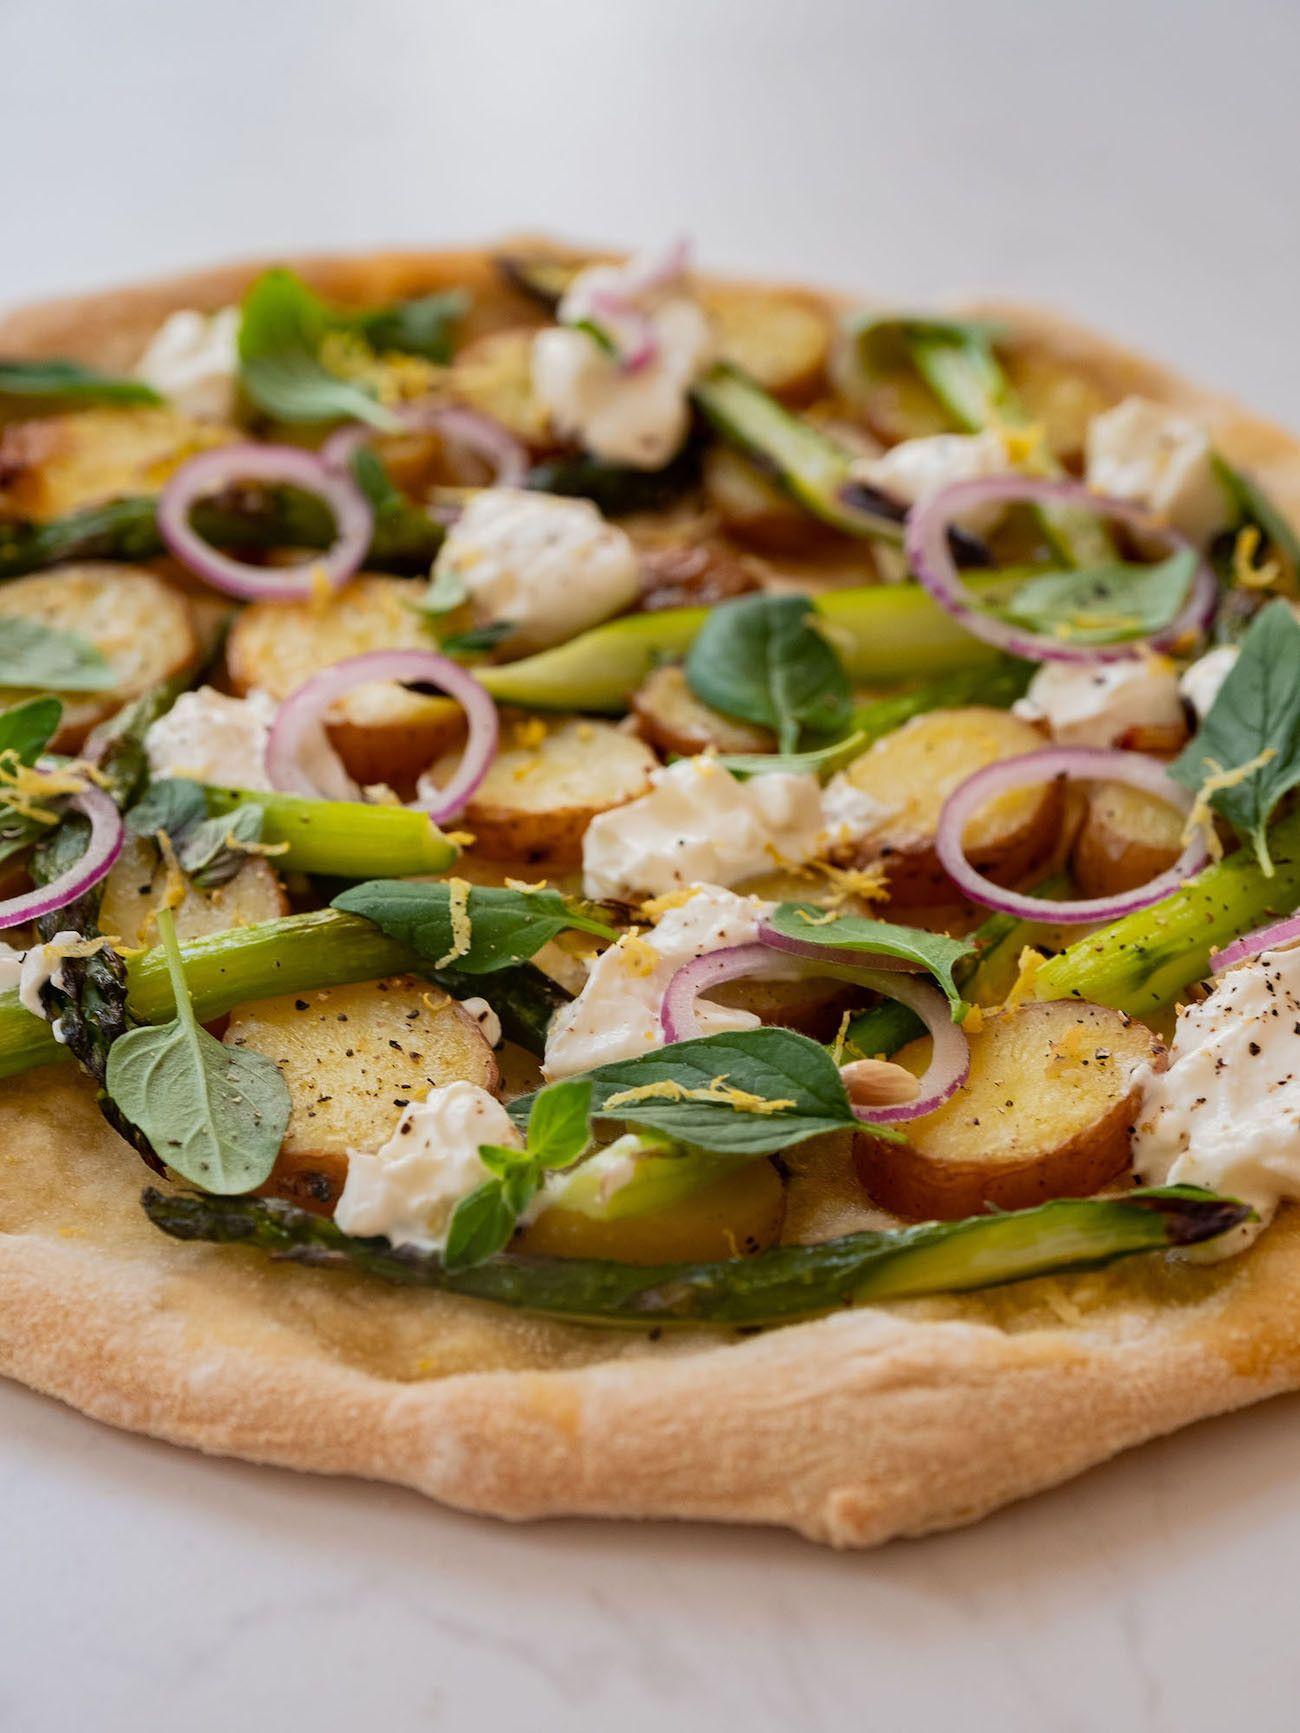 Foodblog About Fuel, Rezept Frühlingspizza mit grünerm Spargel, Frühkartoffeln und Ricotta, Zitronenschale, Basilikum, Oregano, Pfeffer